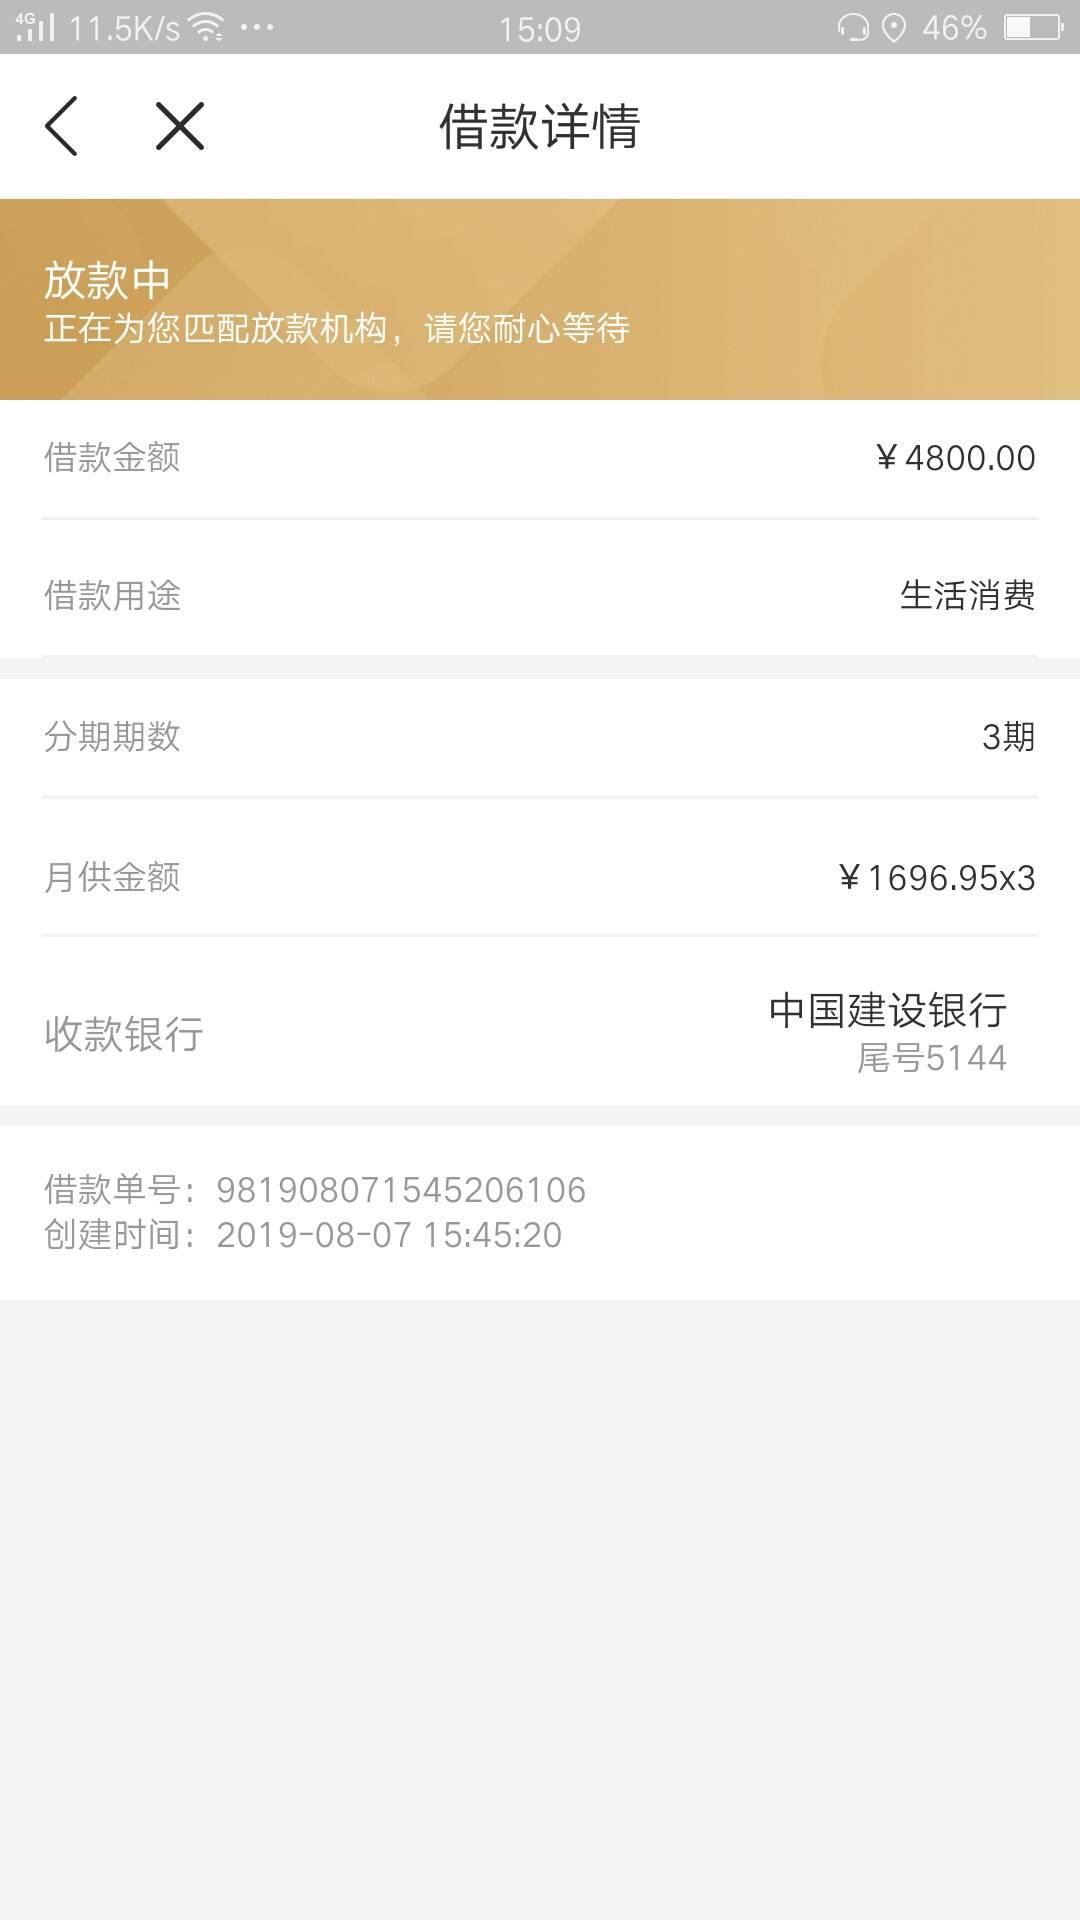 #桔子分期#新系统调整上线,均件6000元...15 / 作者:卡农小蛋 /